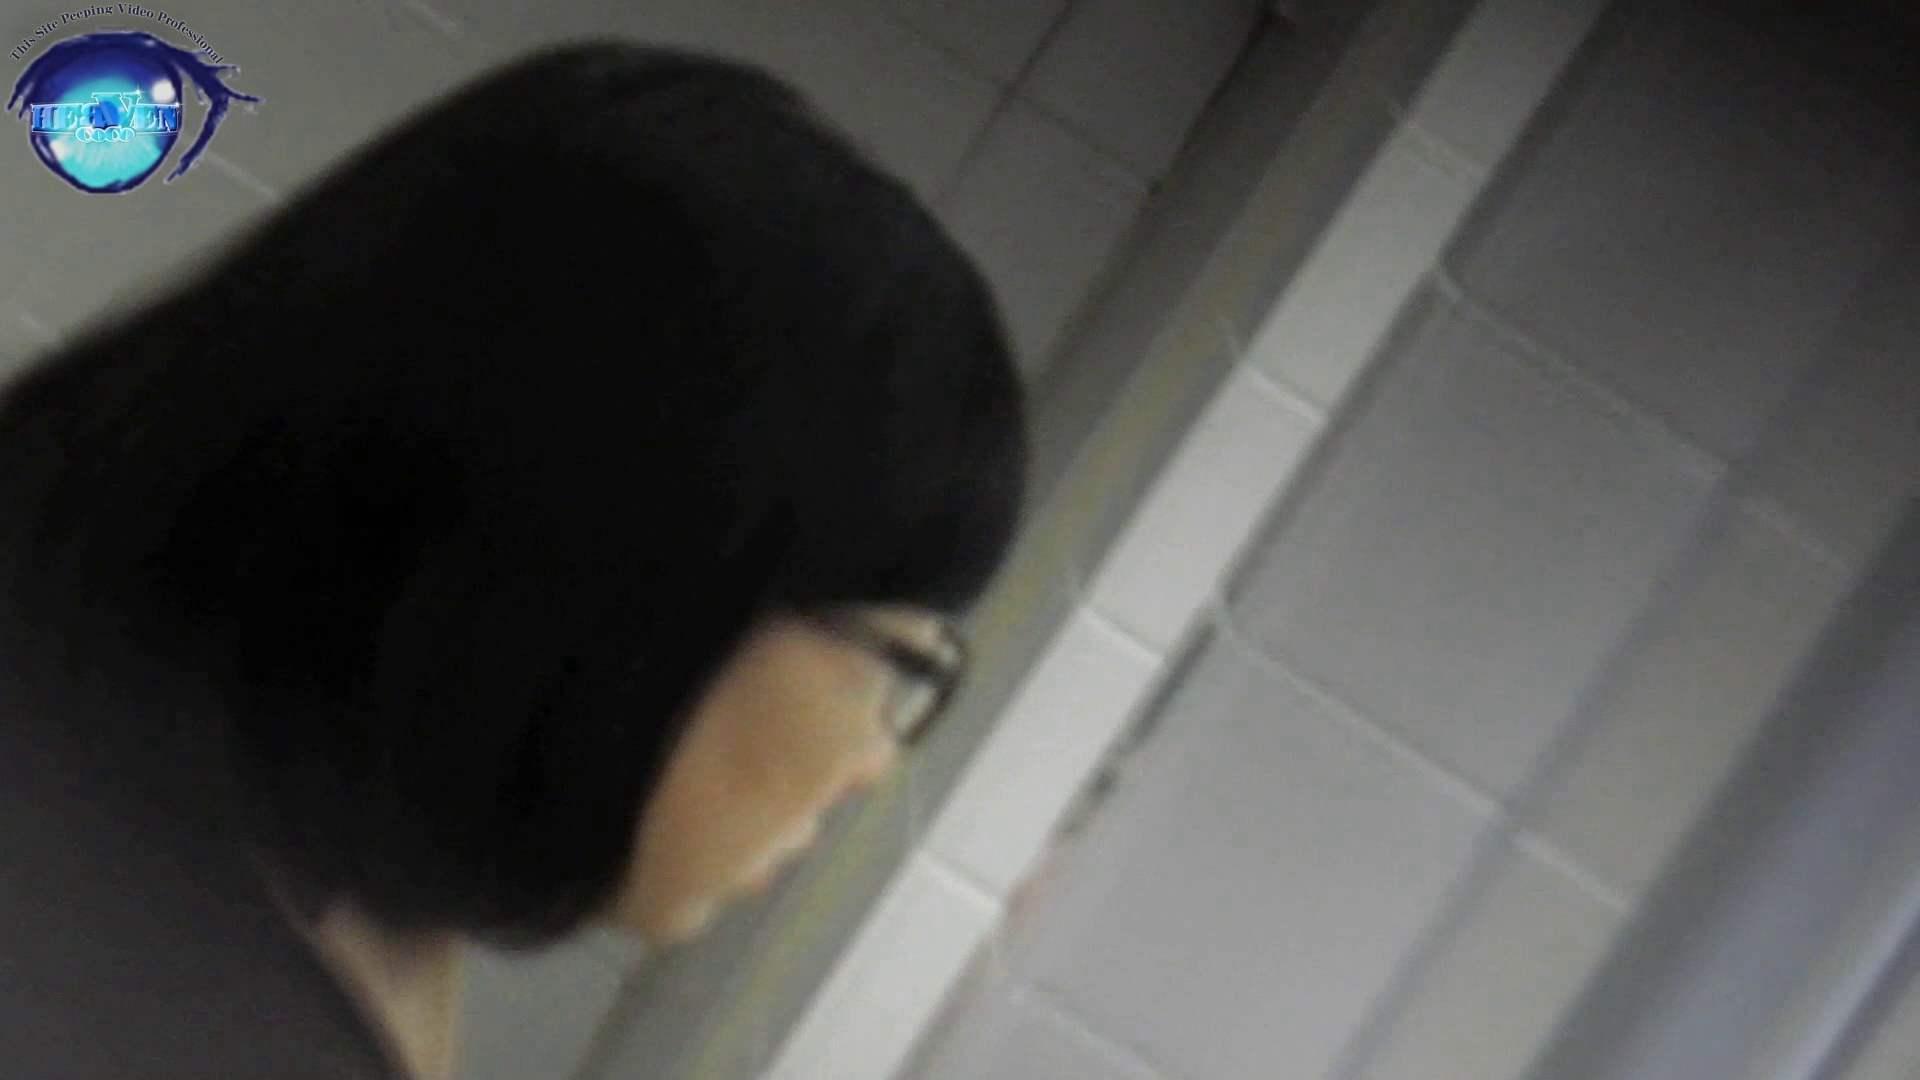 お銀さん vol.59 ピンチ!!「鏡の前で祈る女性」にばれる危機 前編 おまんこ見放題  83PIX 20